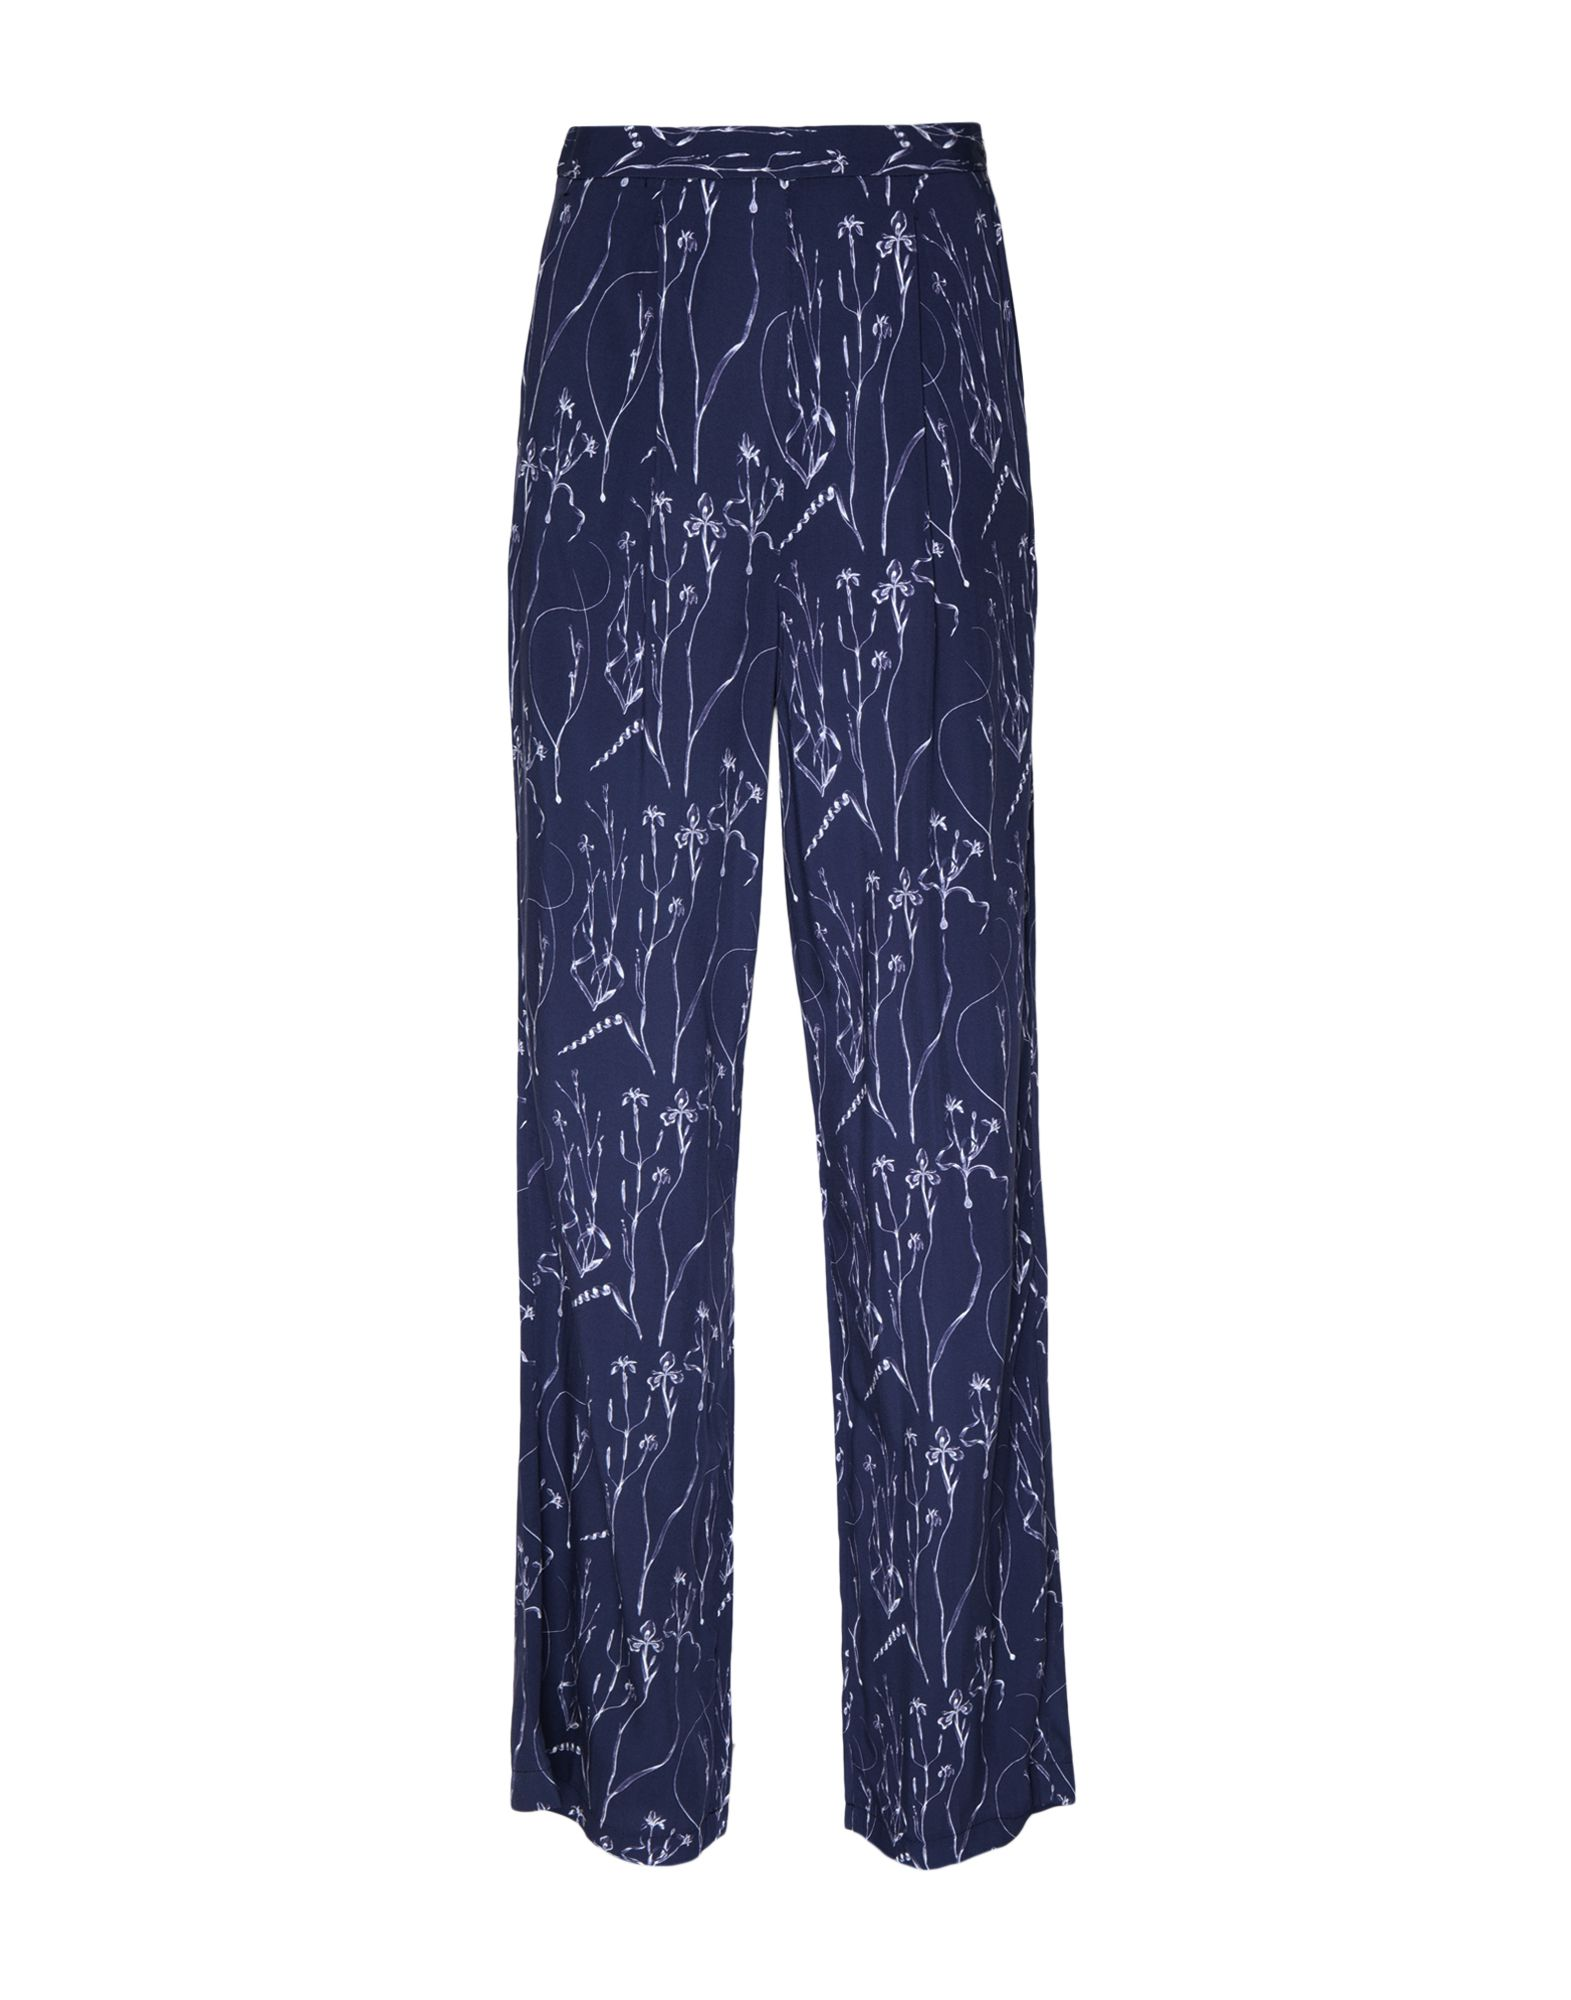 8 by YOOX Повседневные брюки брюки дудочки 7 8 с рисунком